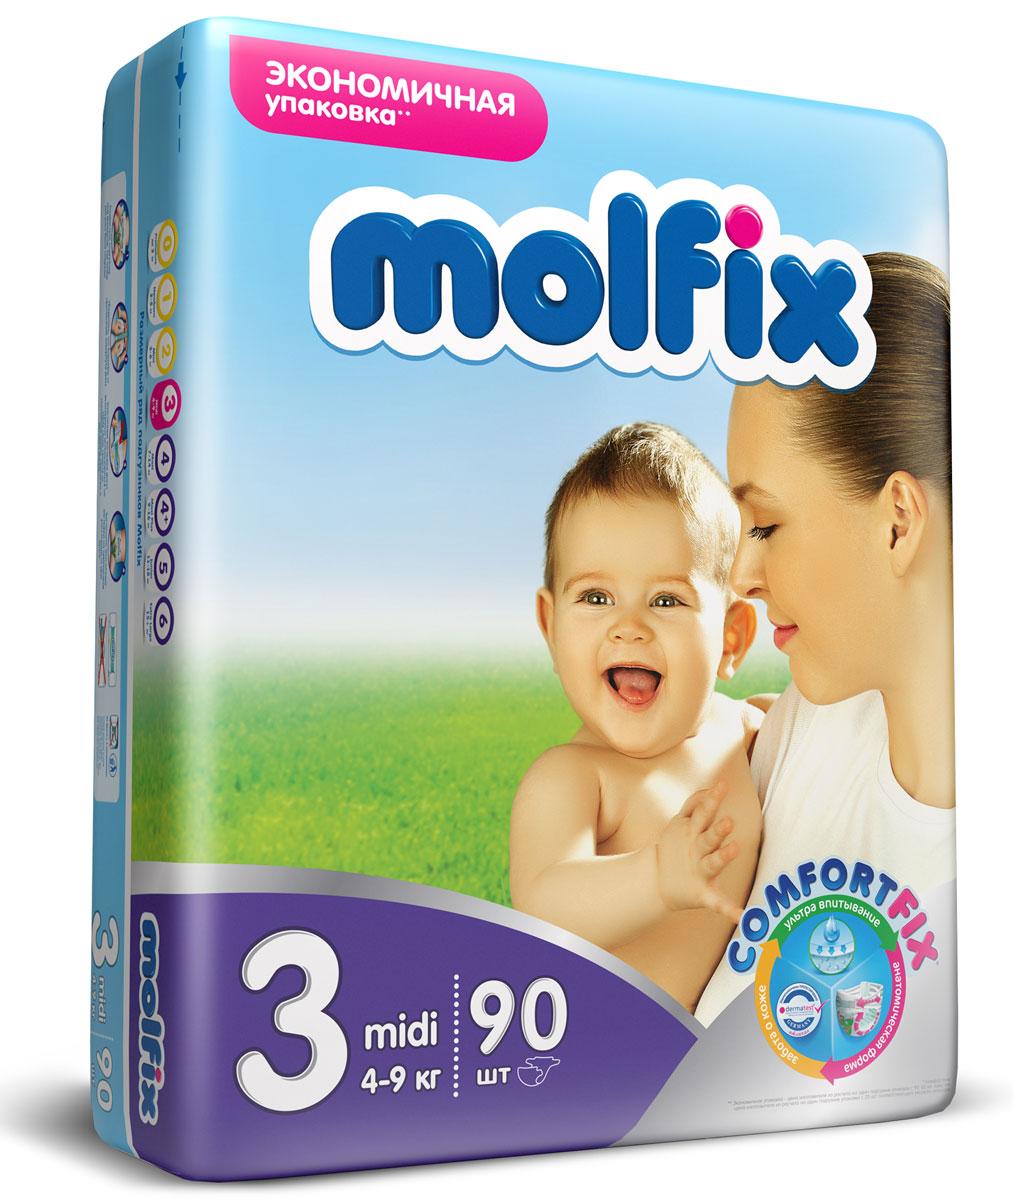 Подгузники Molfix Миди (4-9 кг), 90 шт14915Новинка! Ни для кого не секрет, что каждая мама хочет обеспечить защиту и комфорт для своего малыша. Новые премиальные подгузники Molfix отвечают самым высоким стандартам качества категории и соответствуют ожиданиям даже самых взыскательных мам: они отлично впитывают, тонкие и эластичные, обеспечивают малышам надежную защиту, комфорт и хорошее настроение. Подгузники Molfix дерматологически протестированы и одобрены независимым исследовательским институтом Dermatest GmbH (Германия). Особенности: • Специальный ультра впитывающий слой обеспечивает быстрое впитывание; • Тонкая анатомическая структура для комфорта малыша; • Ультра эластичные боковинки обеспечивают свободу движений; • «Дышащий» внешний слой и ультра мягкий внутренний слой для заботы о коже малыша; • Защитные барьерчики обеспечивают защиту от протеканий. В каждой упаковке подгузников Molfix веселые и красочные дизайны на подгузниках!